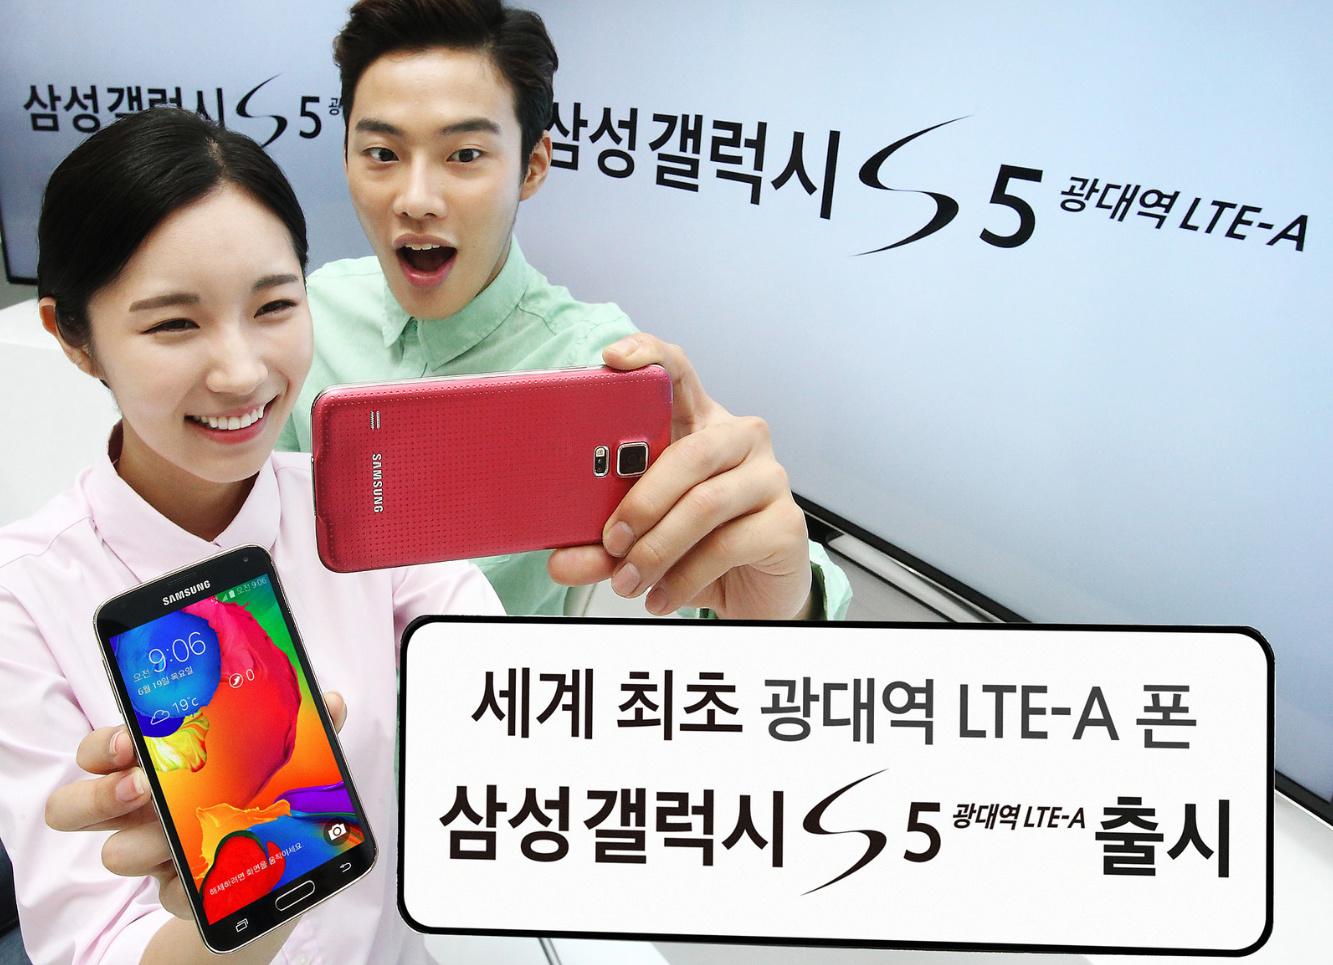 Das Galaxy S5 LTE-A mit bis zu 225 MBit, Snapdragon 805 und QHD